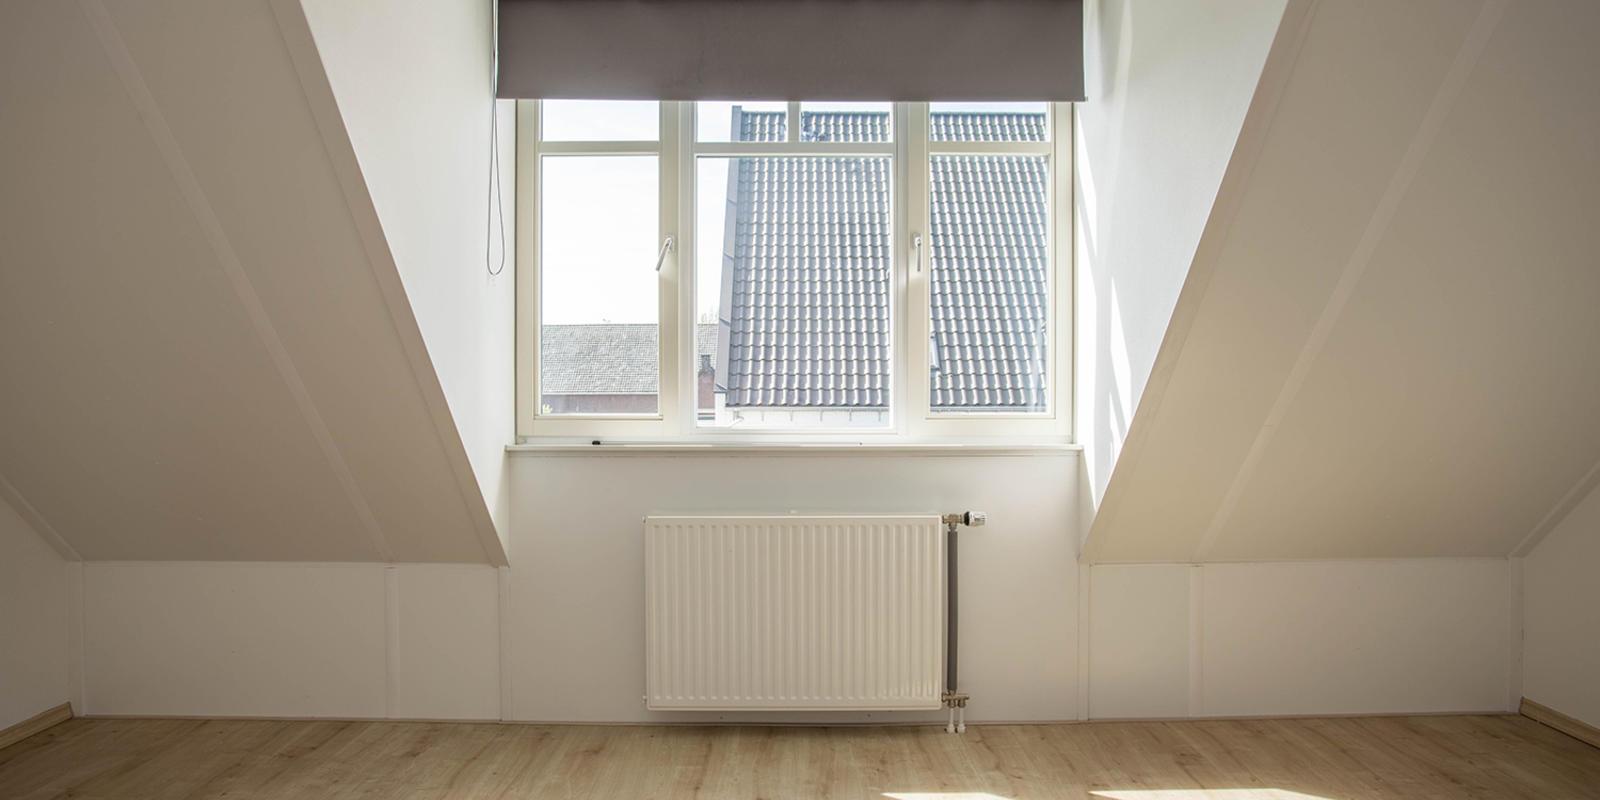 wat kost een dakkapel inclusief plaatsen